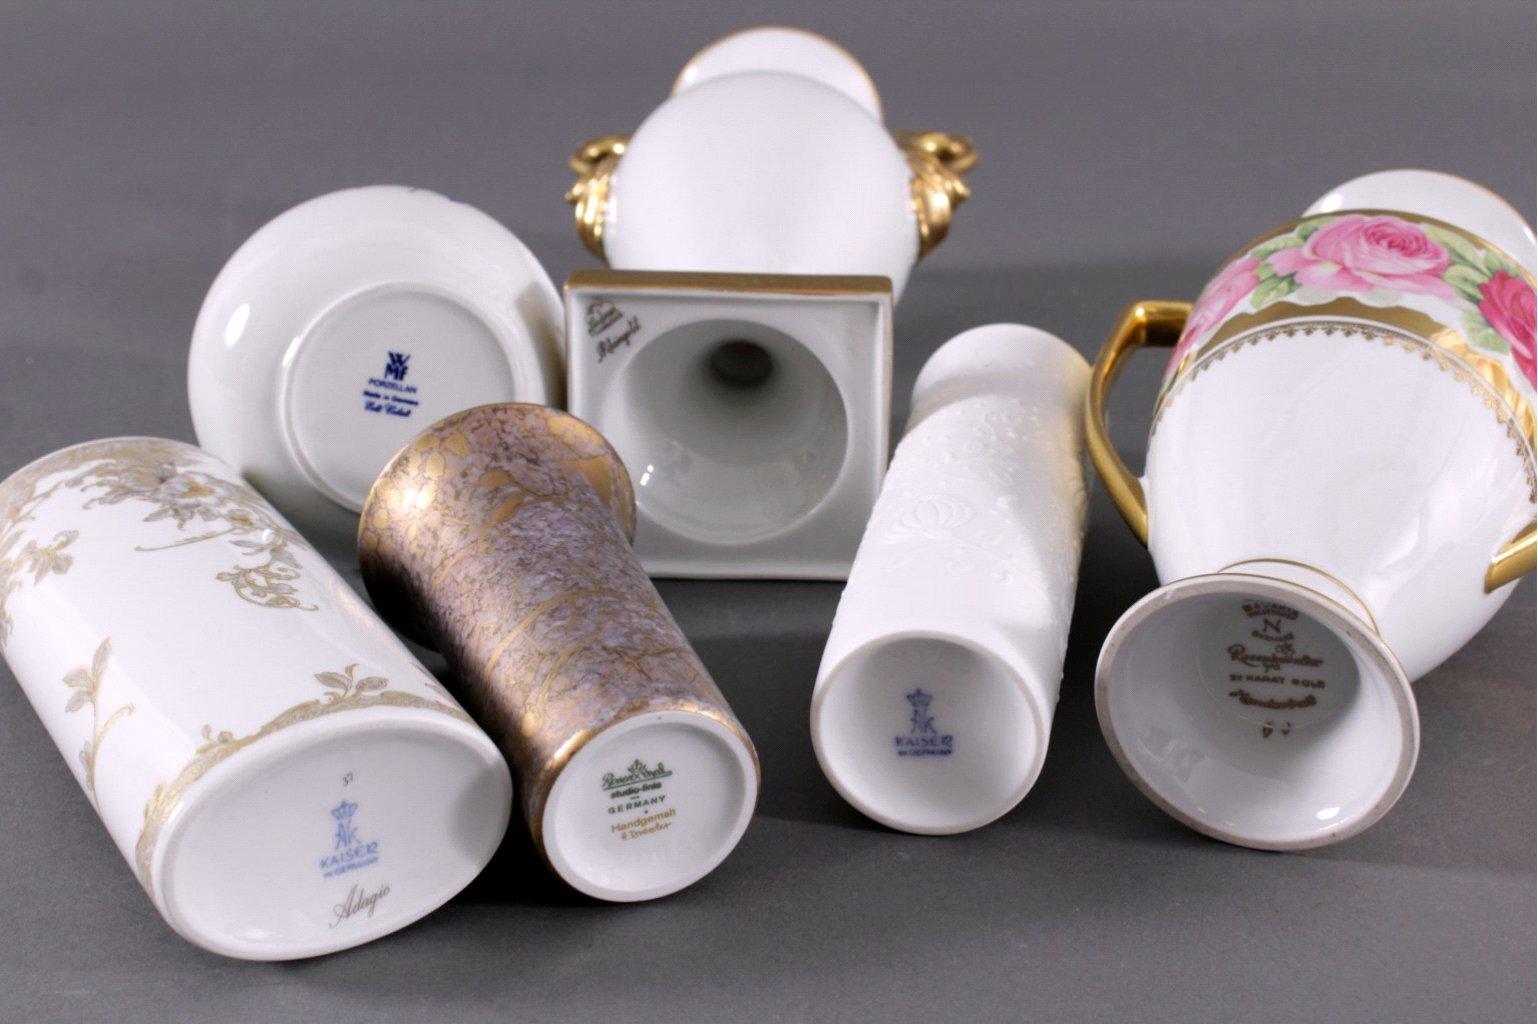 Sechs unterschiedliche Porzellanvasen-1